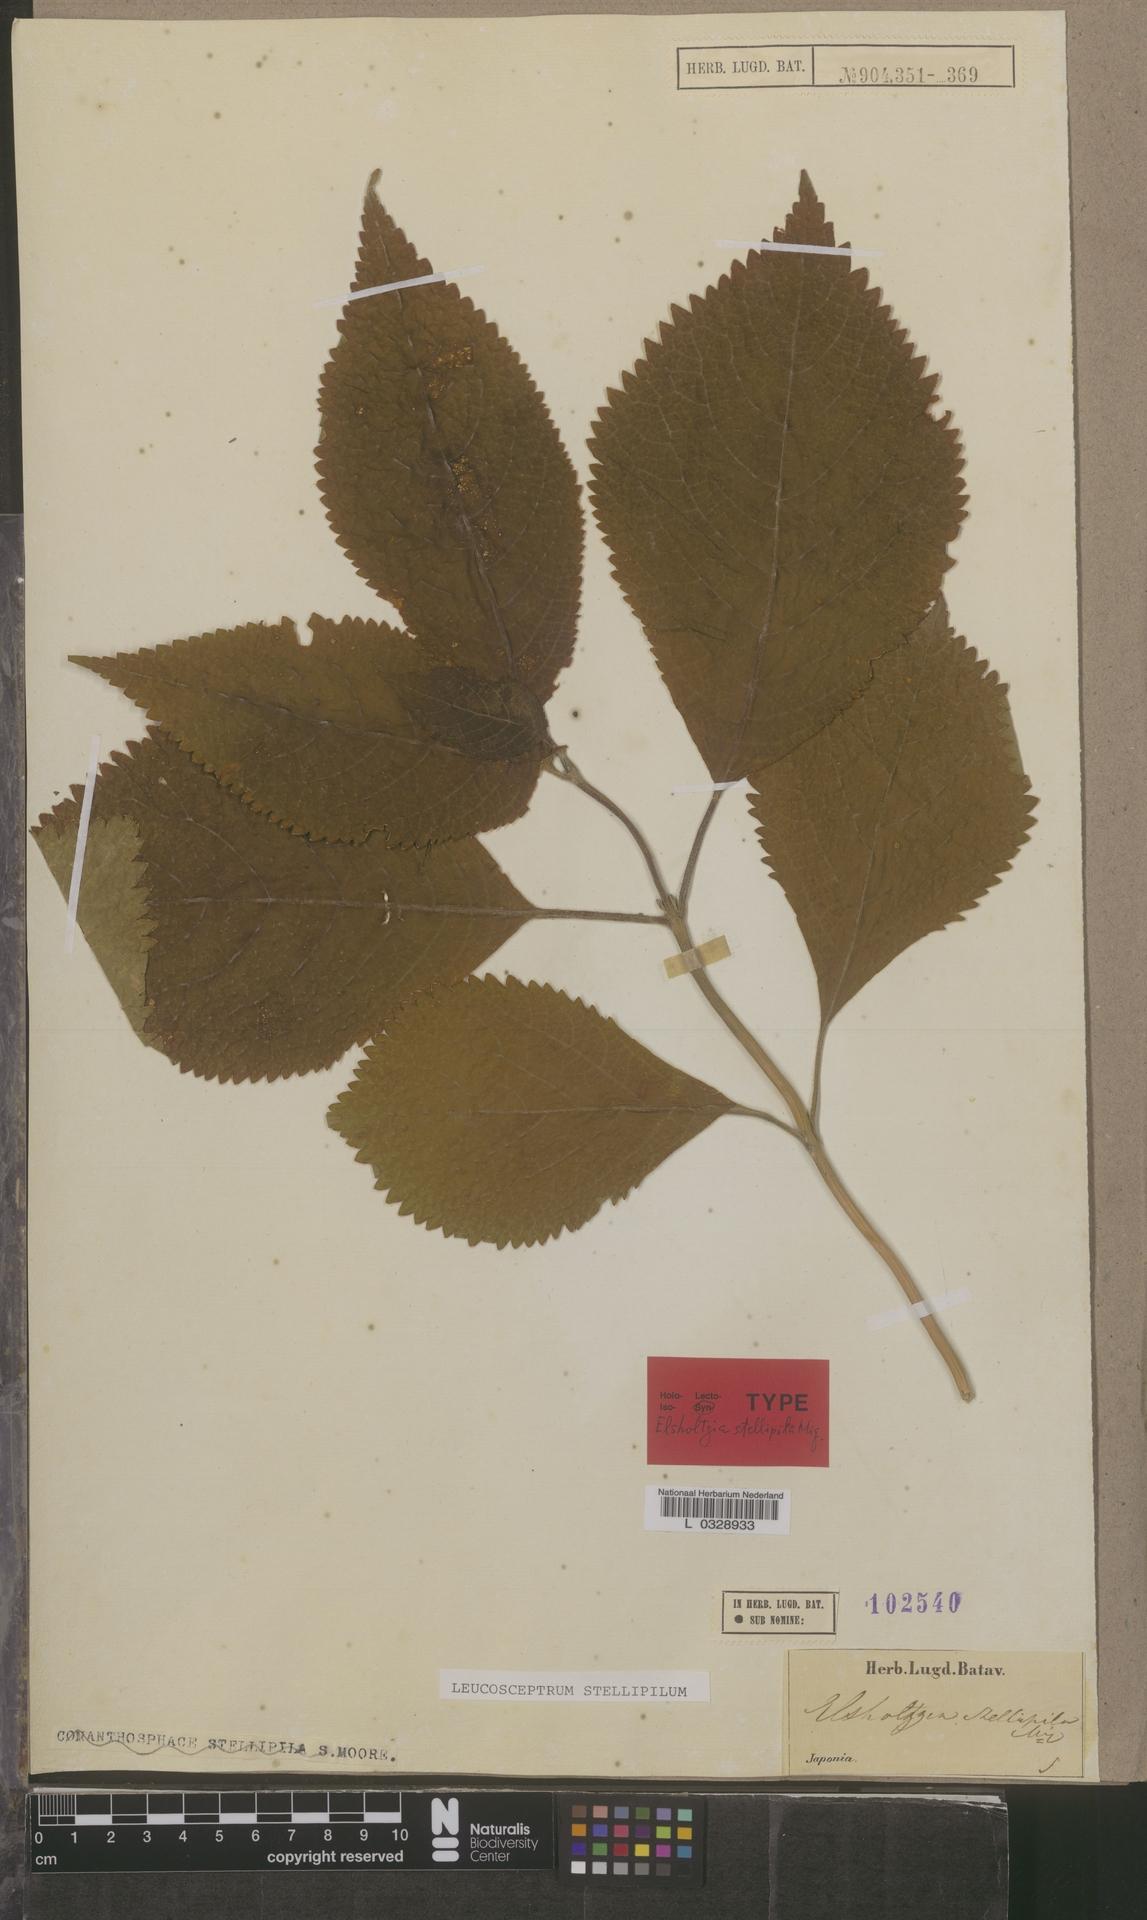 L  0328933 | Leucosceptrum stellipilum (Miq.) Kitam. & Murata